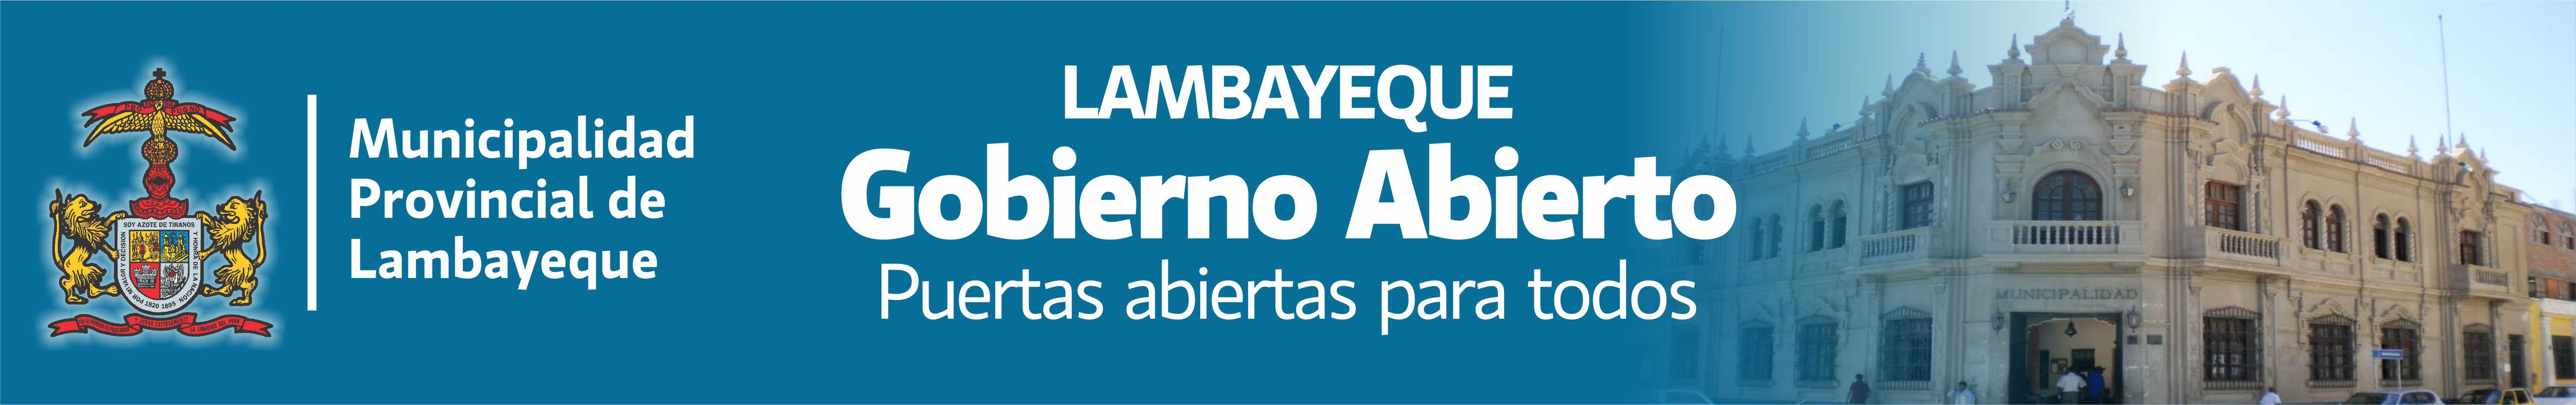 Calendario 2019 Mexico Con Dias Festivos Más Populares Noticias Of Calendario 2019 Mexico Con Dias Festivos Más Caliente Peri³dico Abc 2 De Noviembre De 2018 Pages 1 16 Text Version